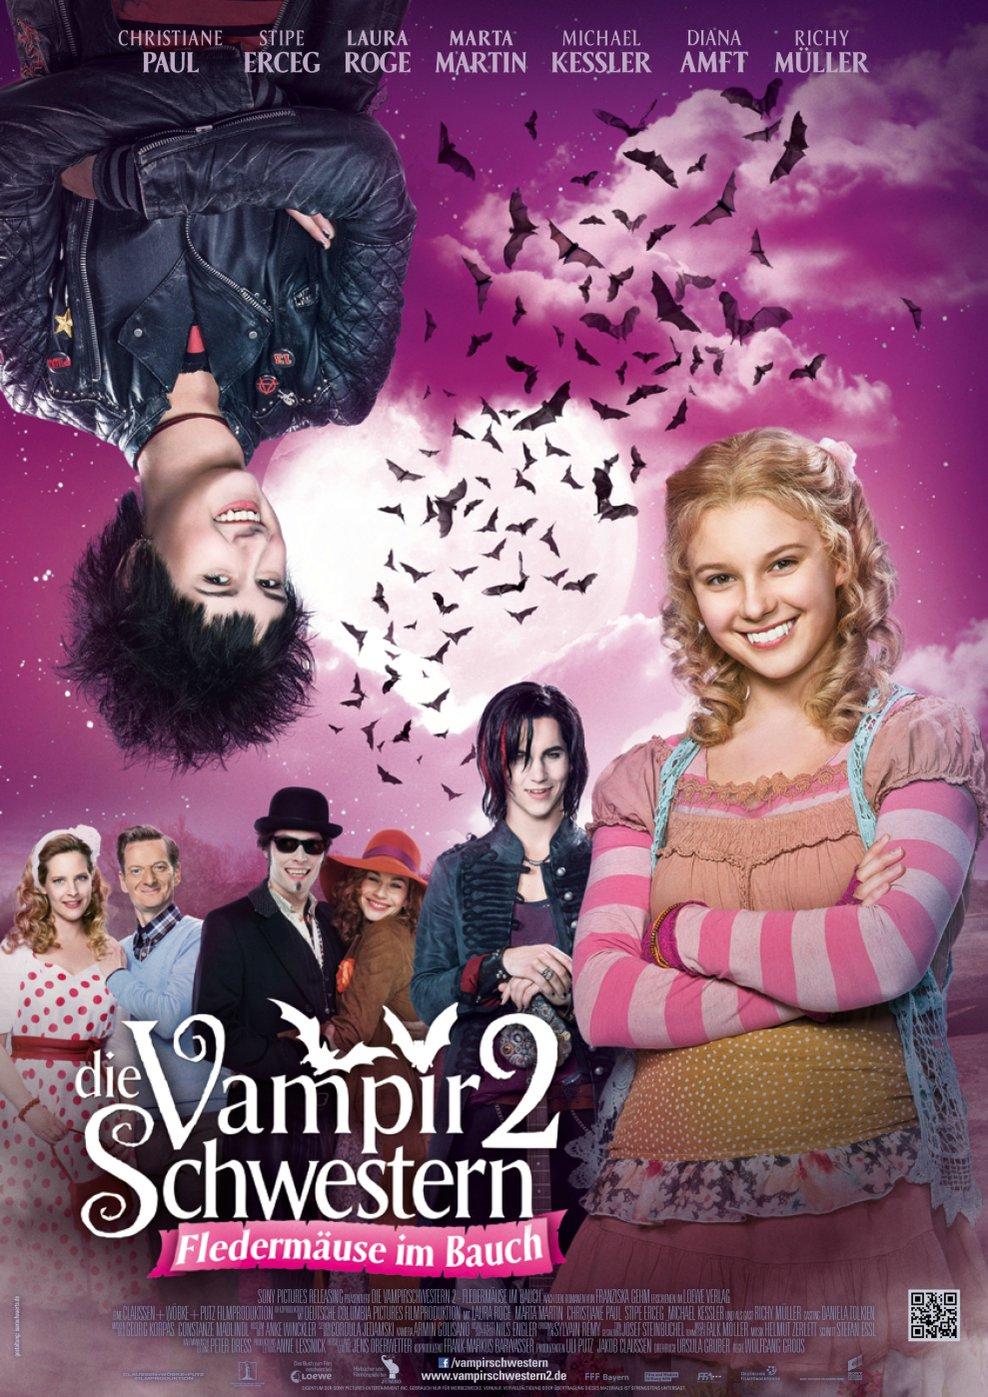 Die Vampirschwestern 2 - Fledermäuse im Bauch (Poster)